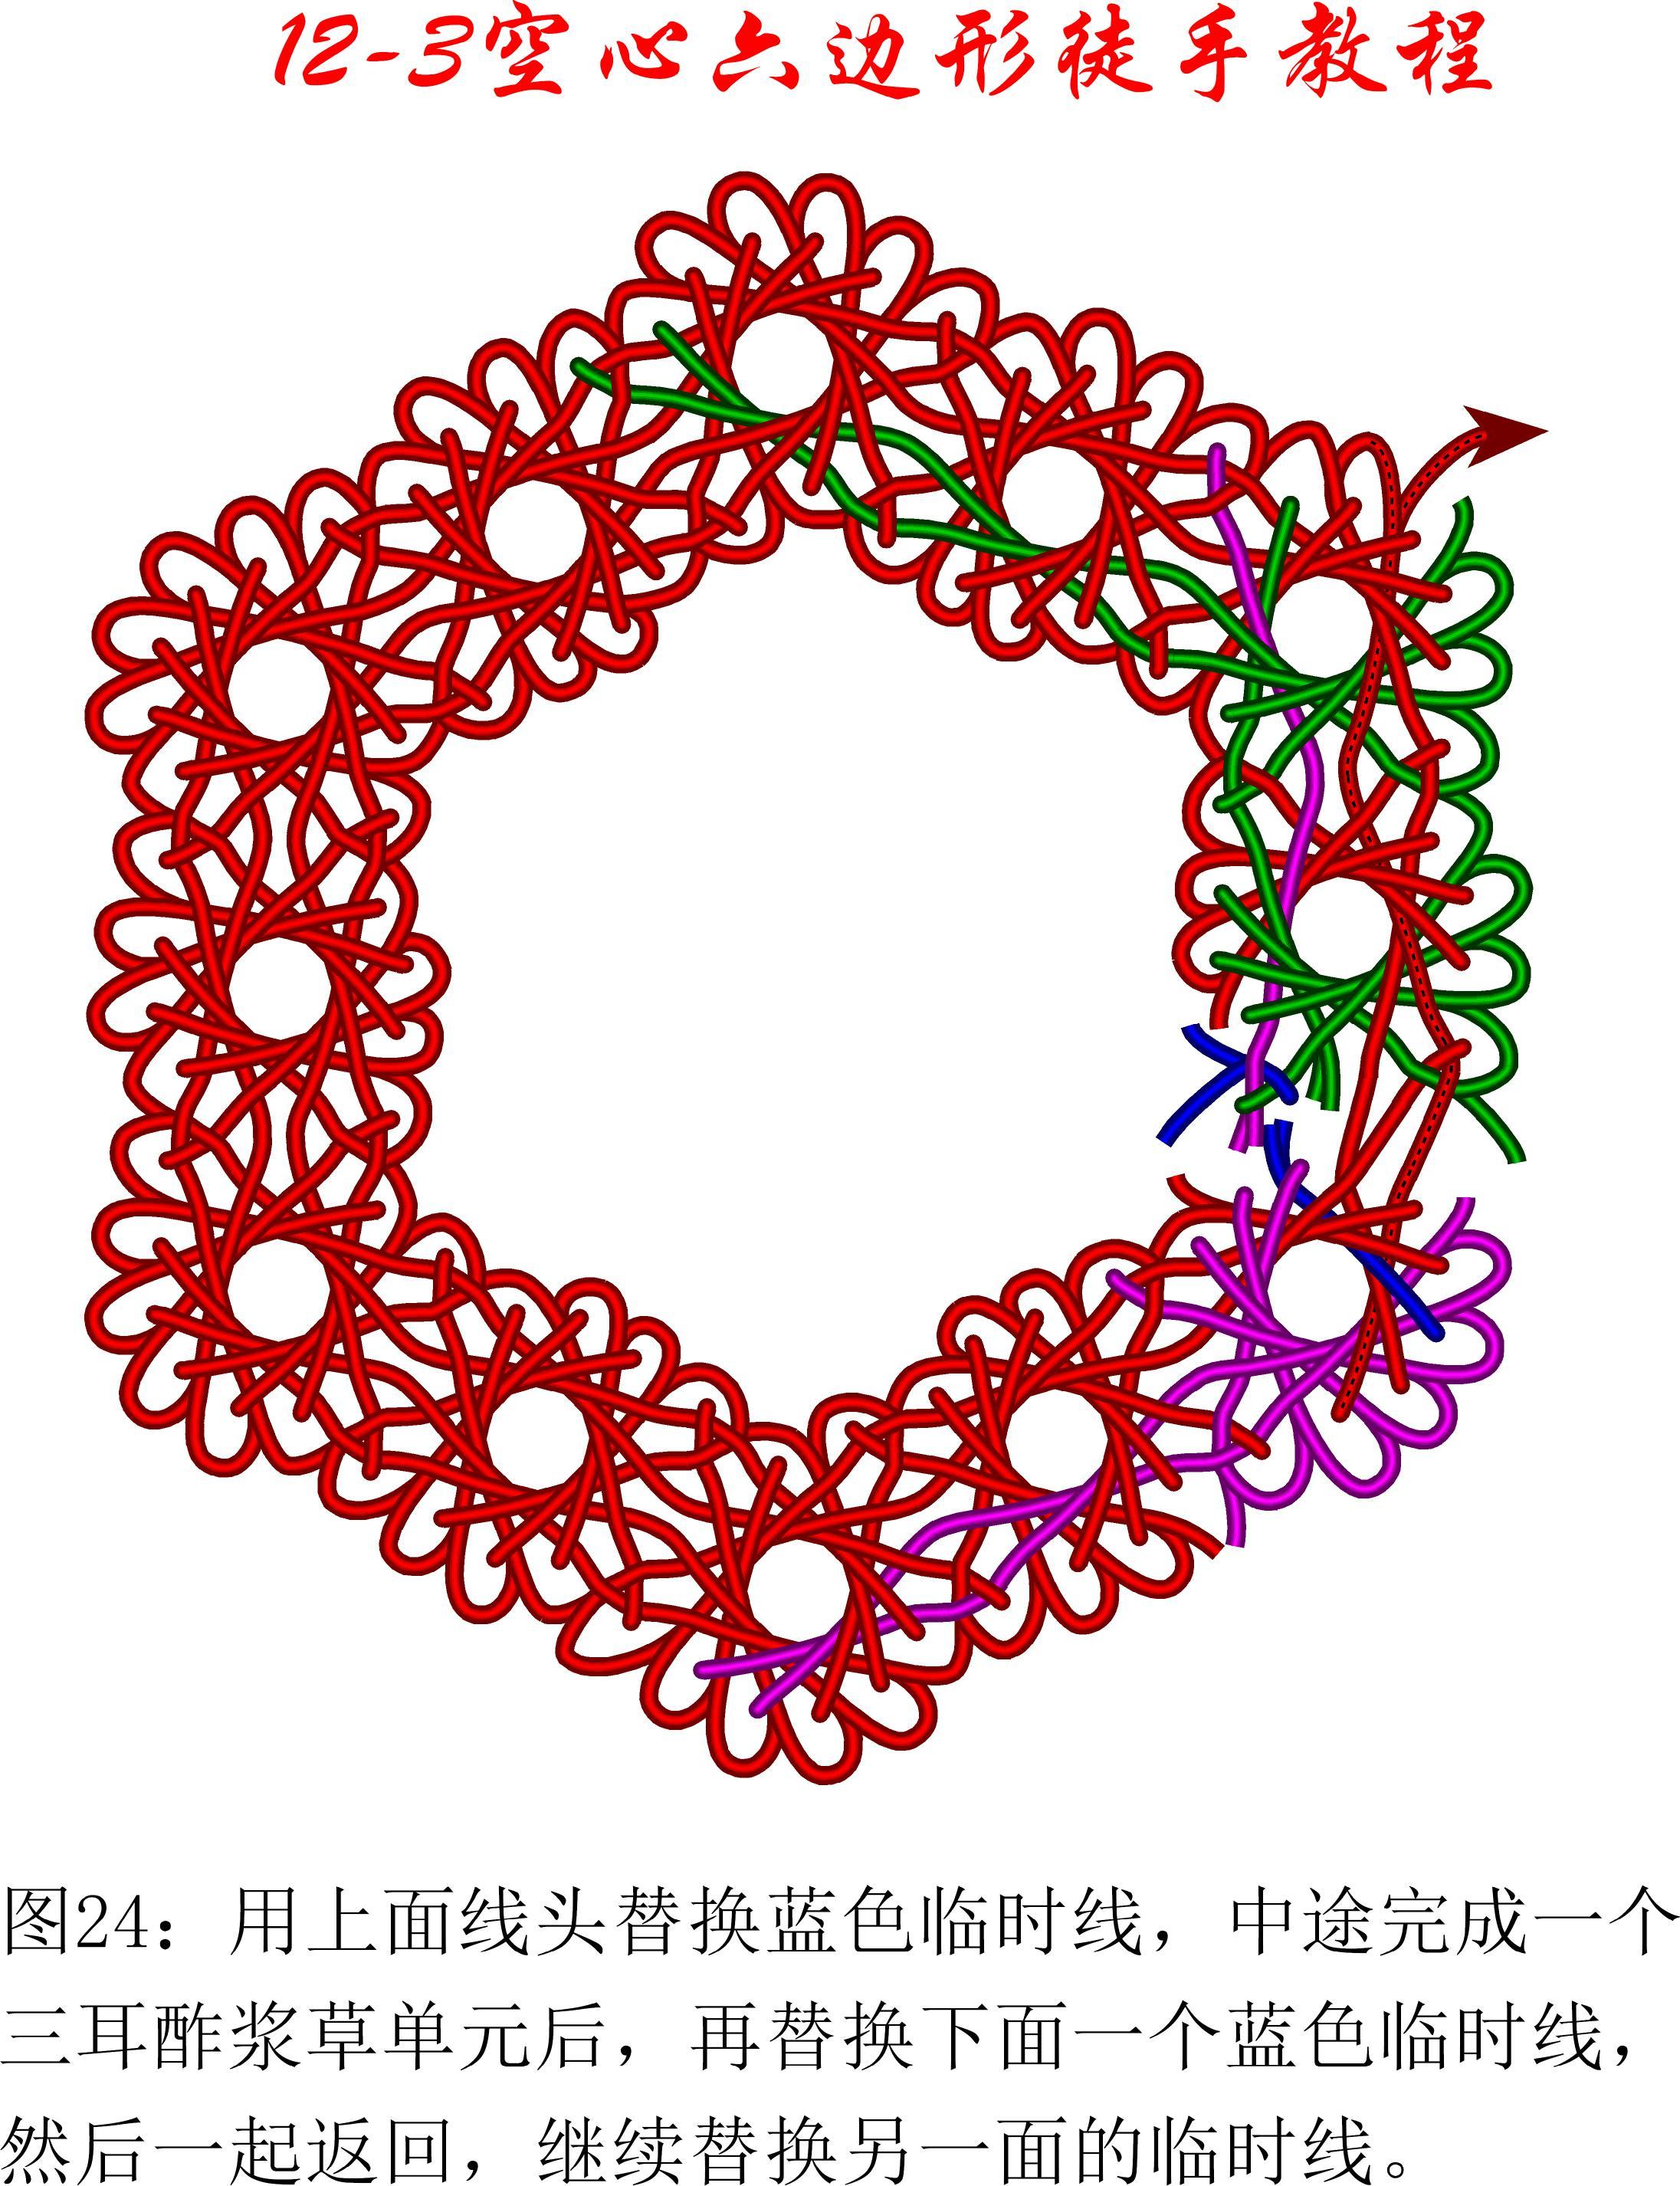 中国结论坛 12-3空心六边形盘长徒手教程 教程,六边形灯笼,六边形盒子,剪纸六边形 丑丑徒手编结 110443mo4h5jj2jozwaw8k